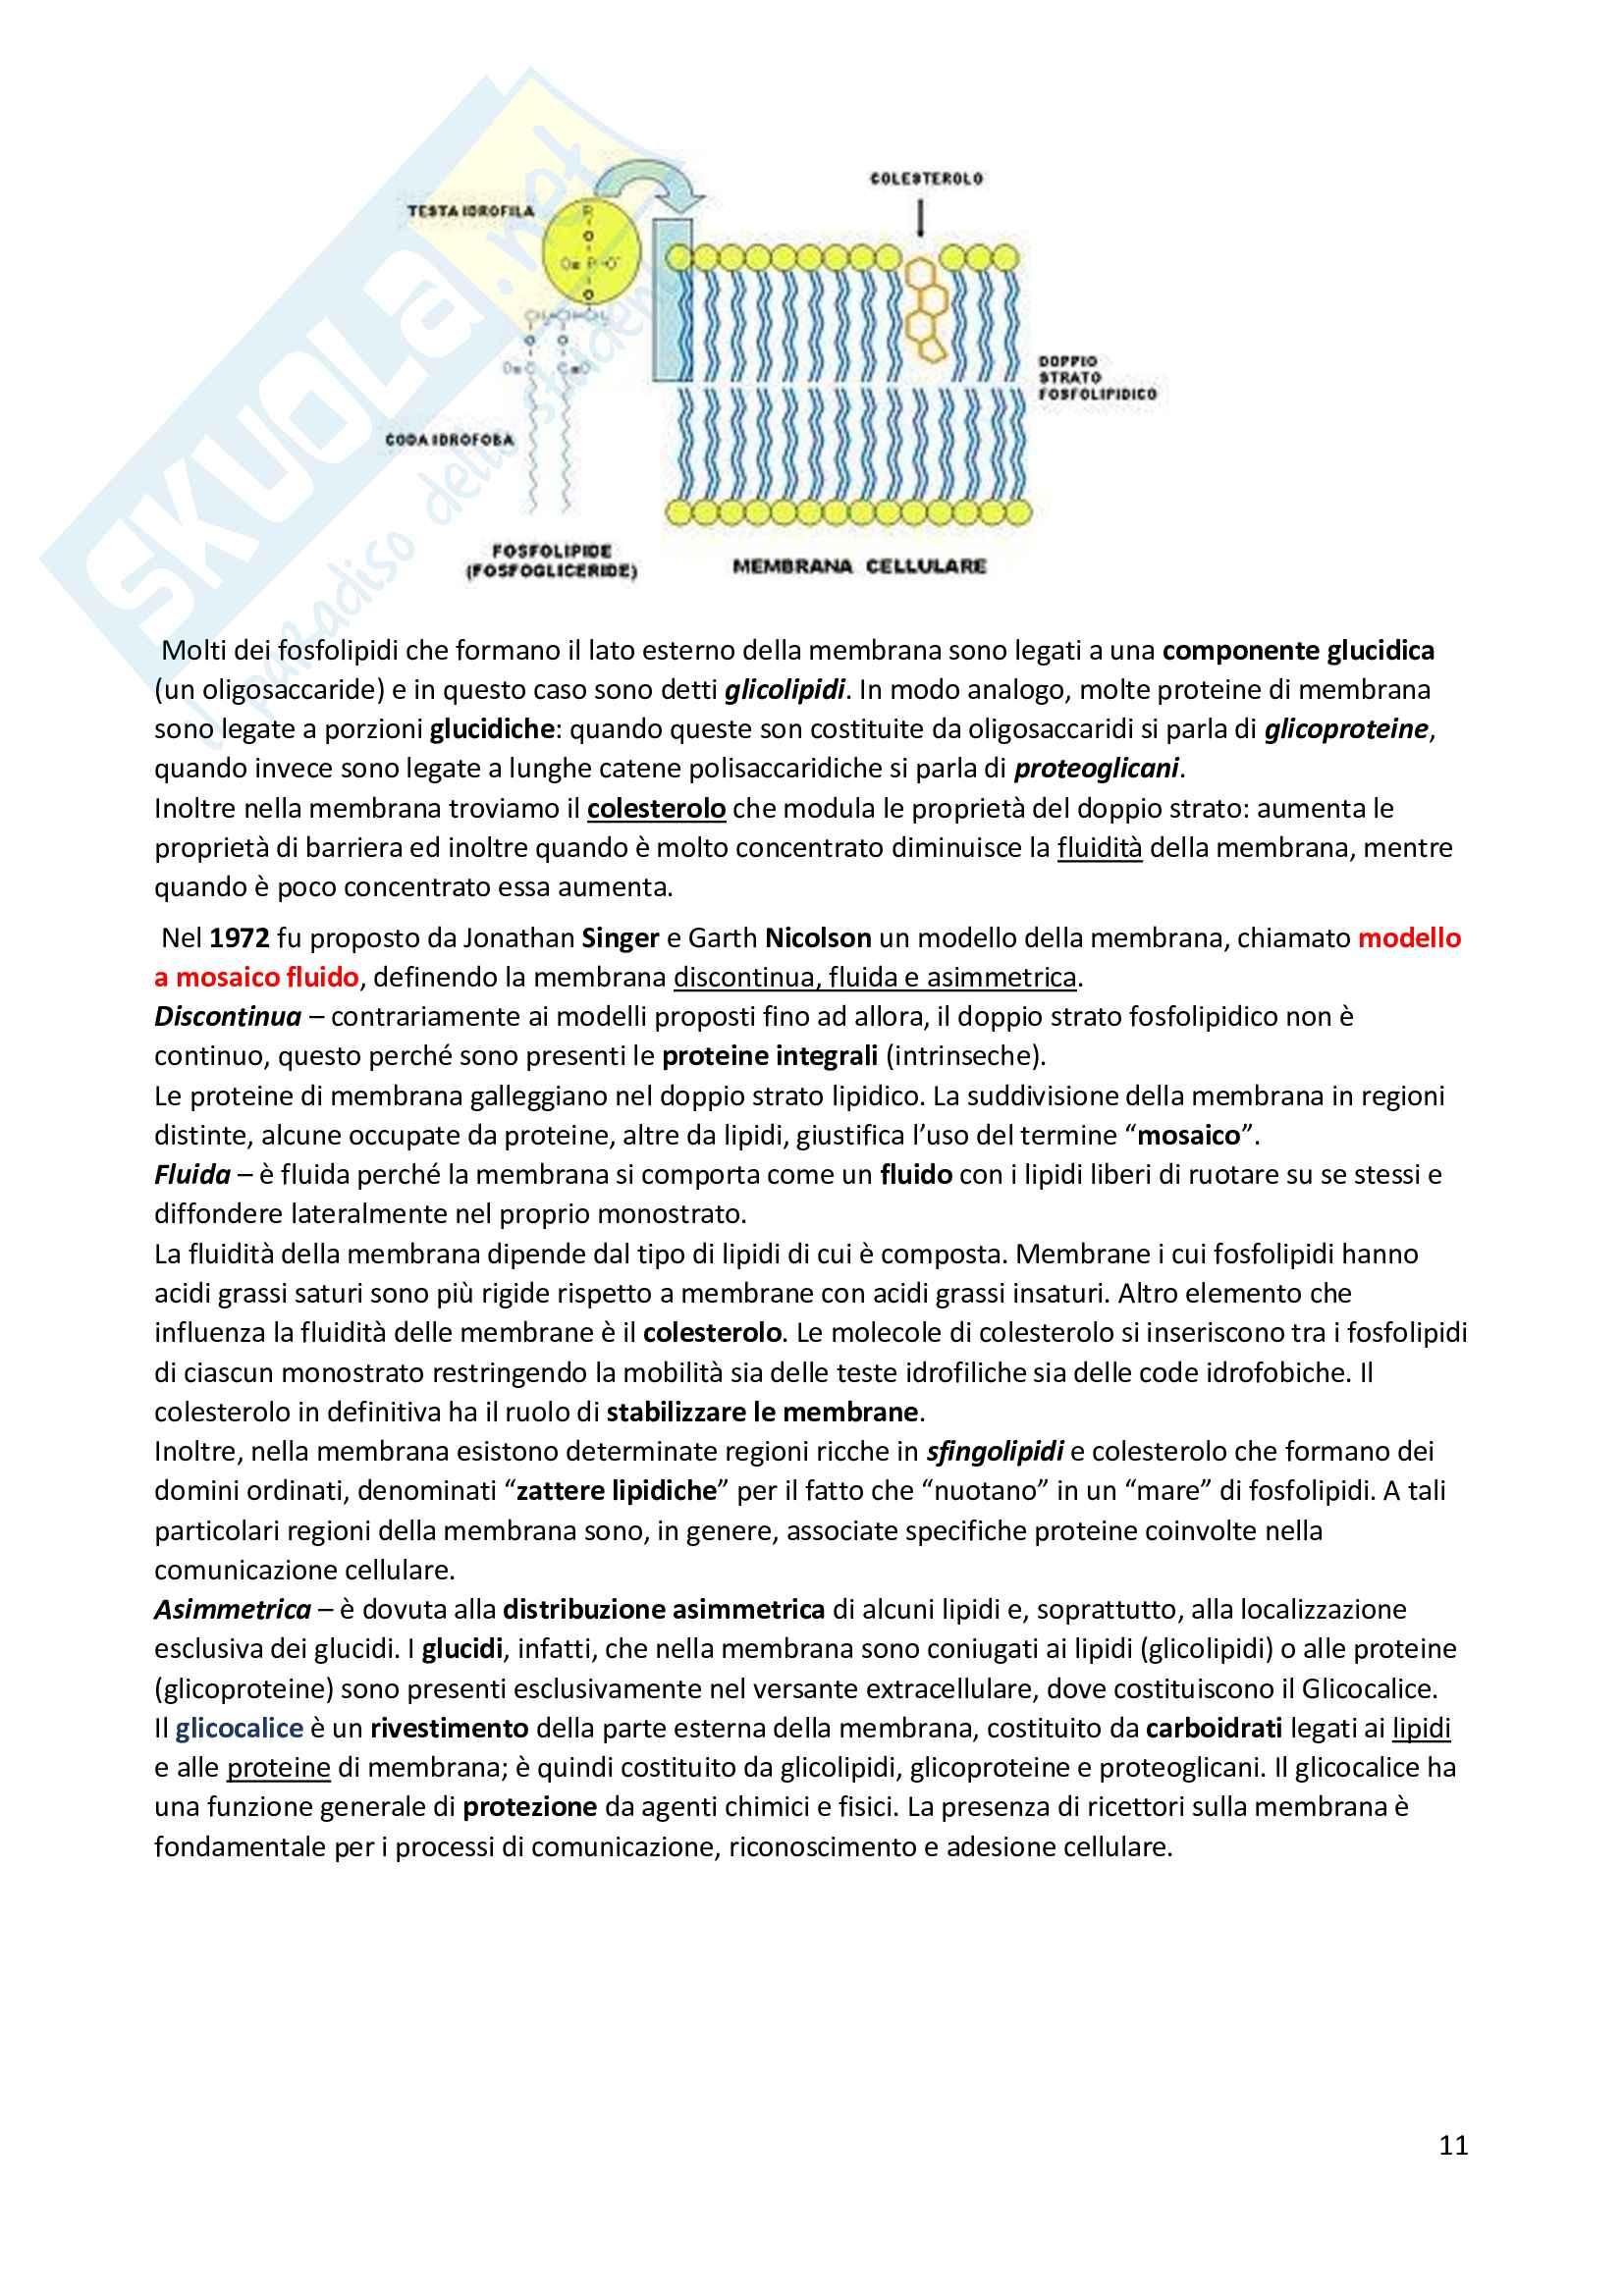 Riassunto di Biologia: utile alla preparazione ai test d'ammissione per le facoltà scientifiche Pag. 11